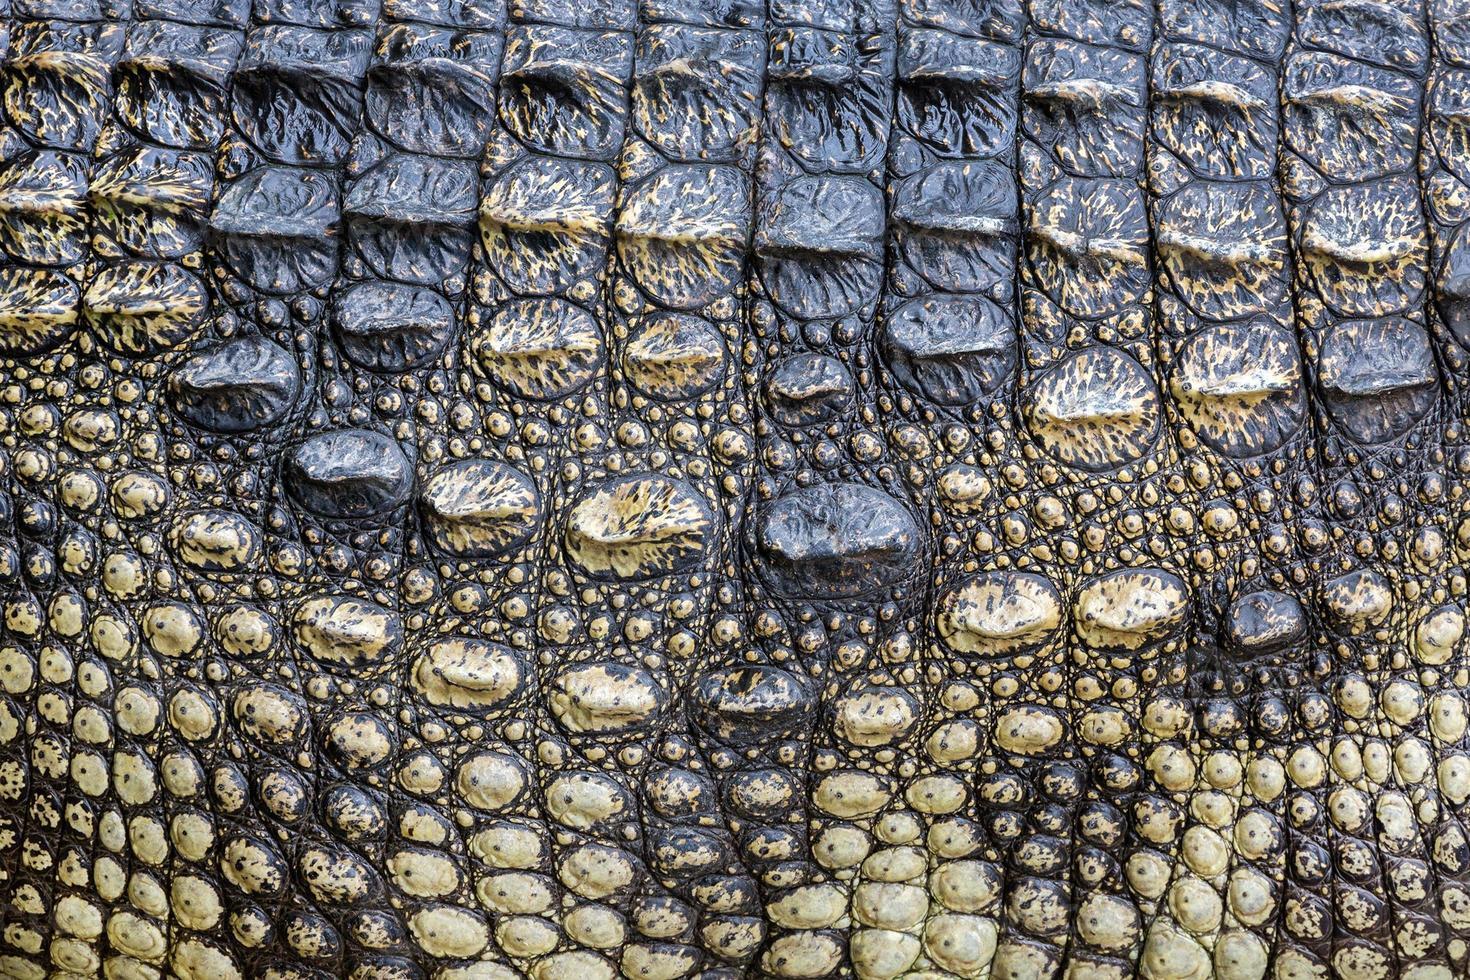 kleurrijke patronen en huid van de krokodil. foto